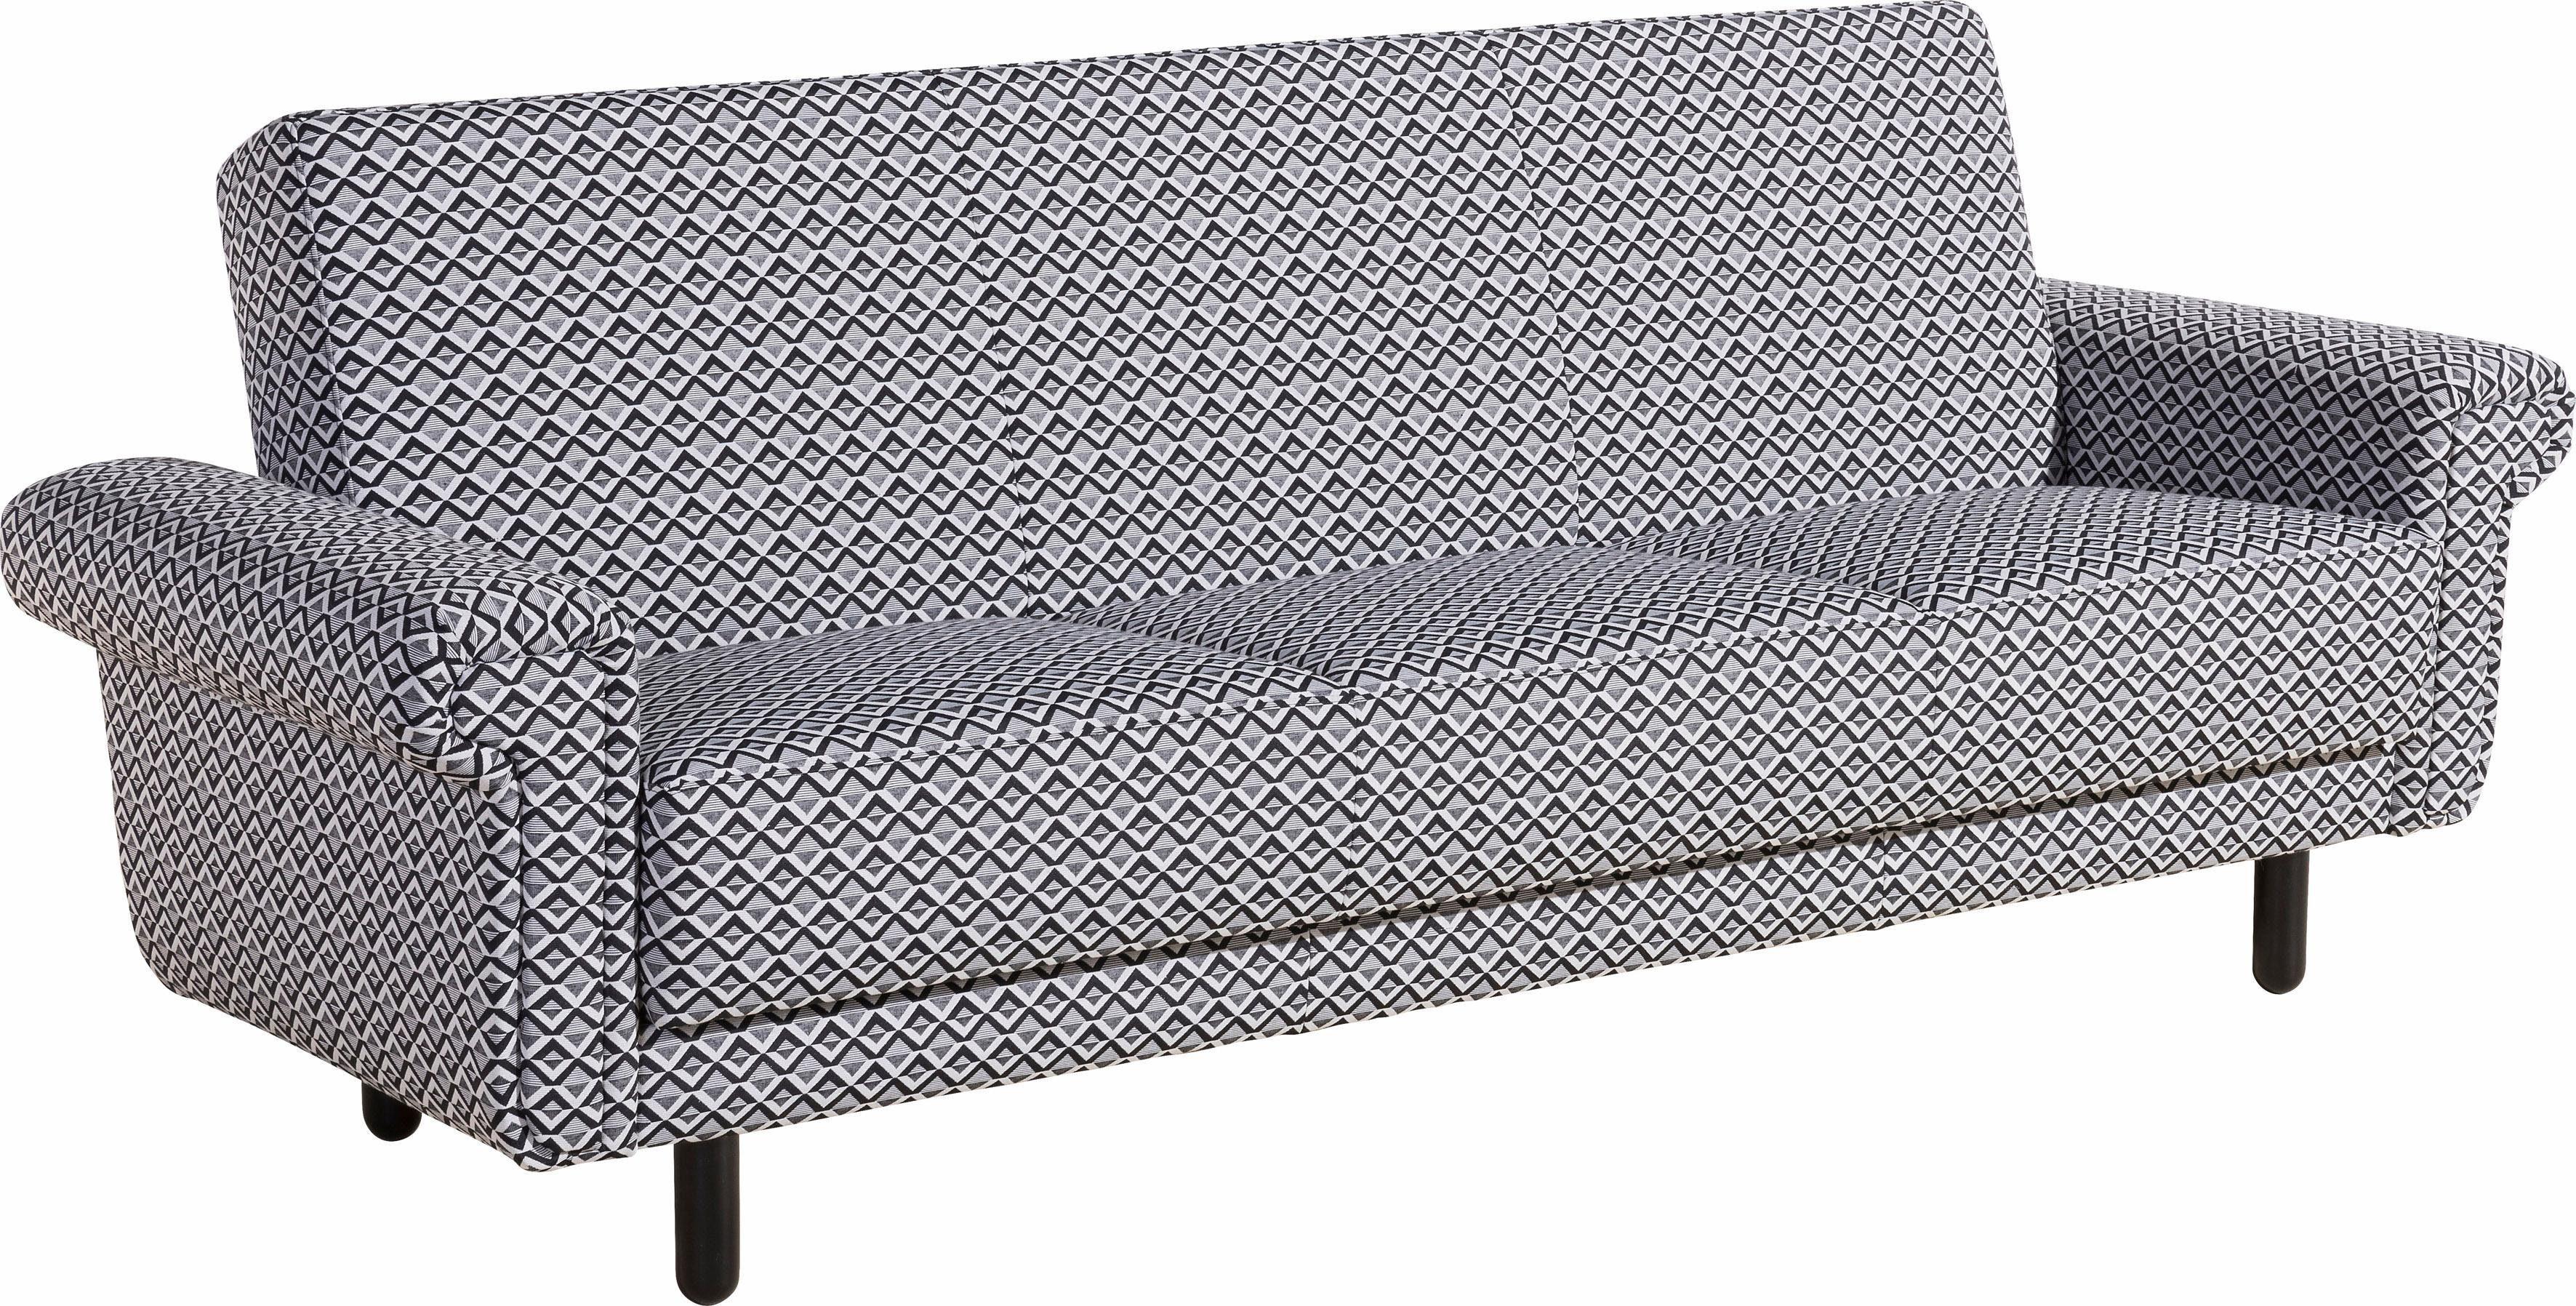 Max Winzer® 3-Sitzer Sofa »Jenne« ILLUSION, inklusive Bettfunktion & Bettkasten, Breite 217 cm